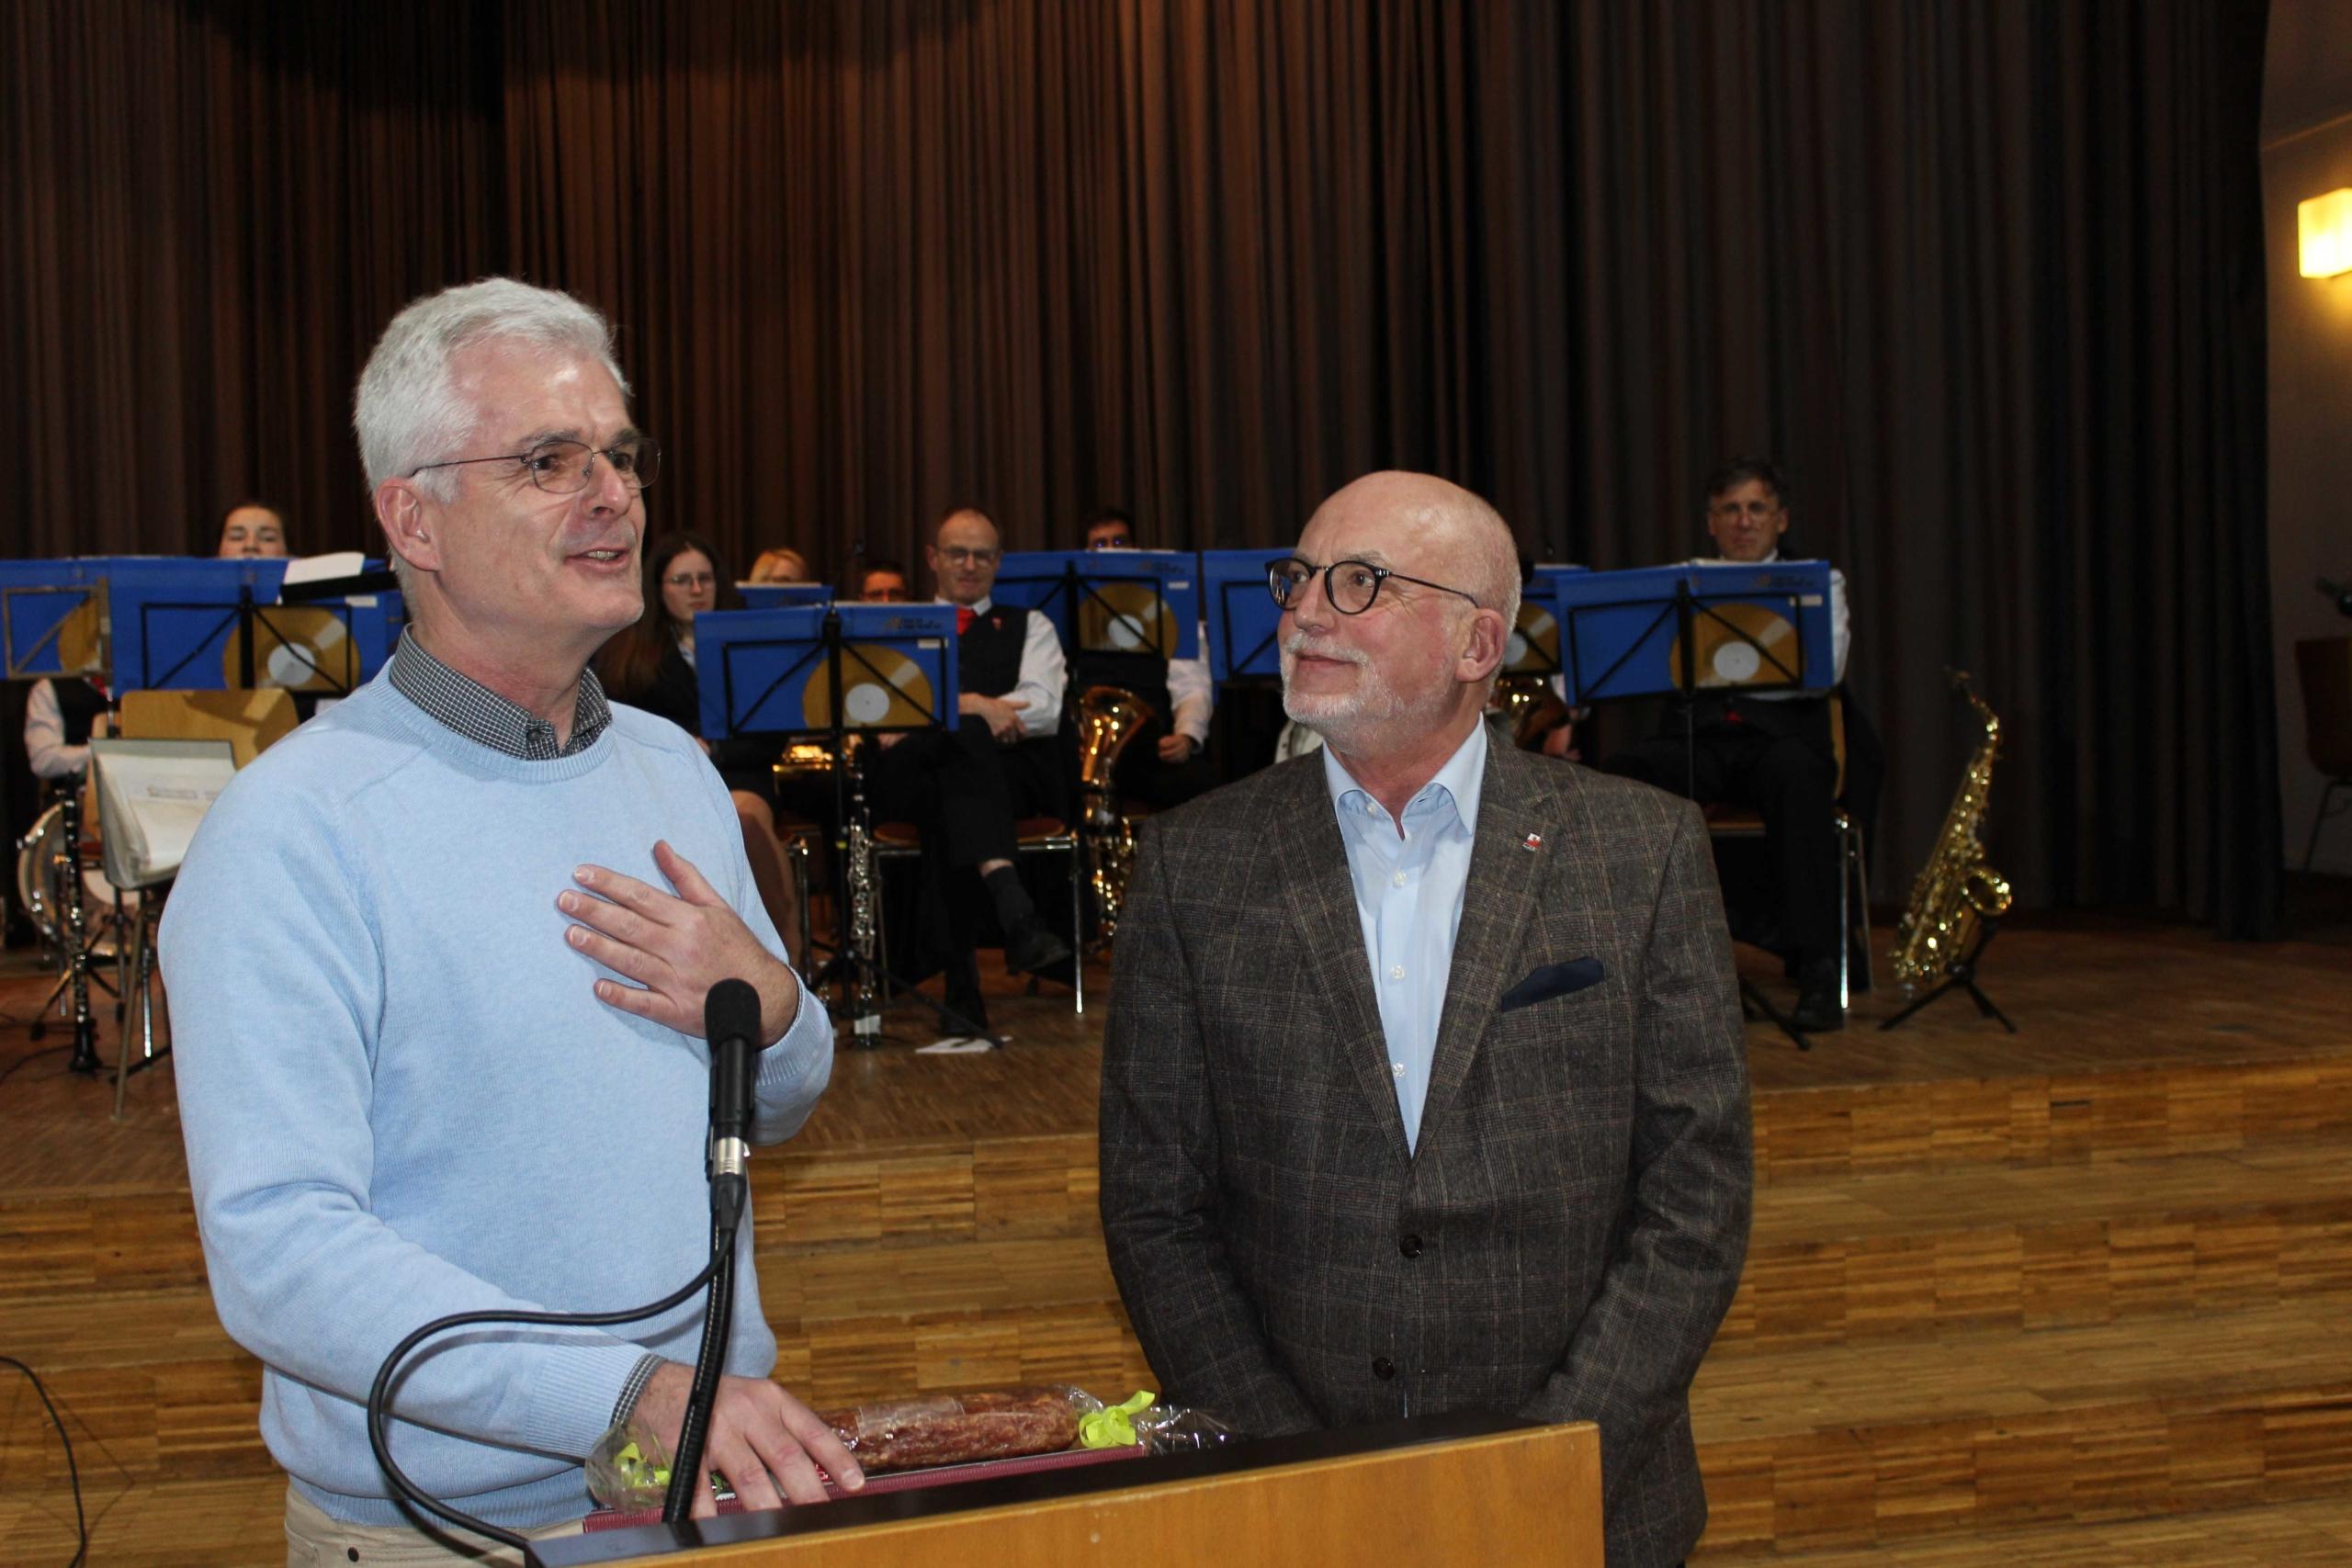 Von links: Torsten Warnecke MdL überreicht Bern Stahl (AfA Hersfeld-Rotenburg) zum Dank für seine langjährige Arbeit als AfA-Vorsitzender ein Präsent - (Foto: Thoms Giese/nh)